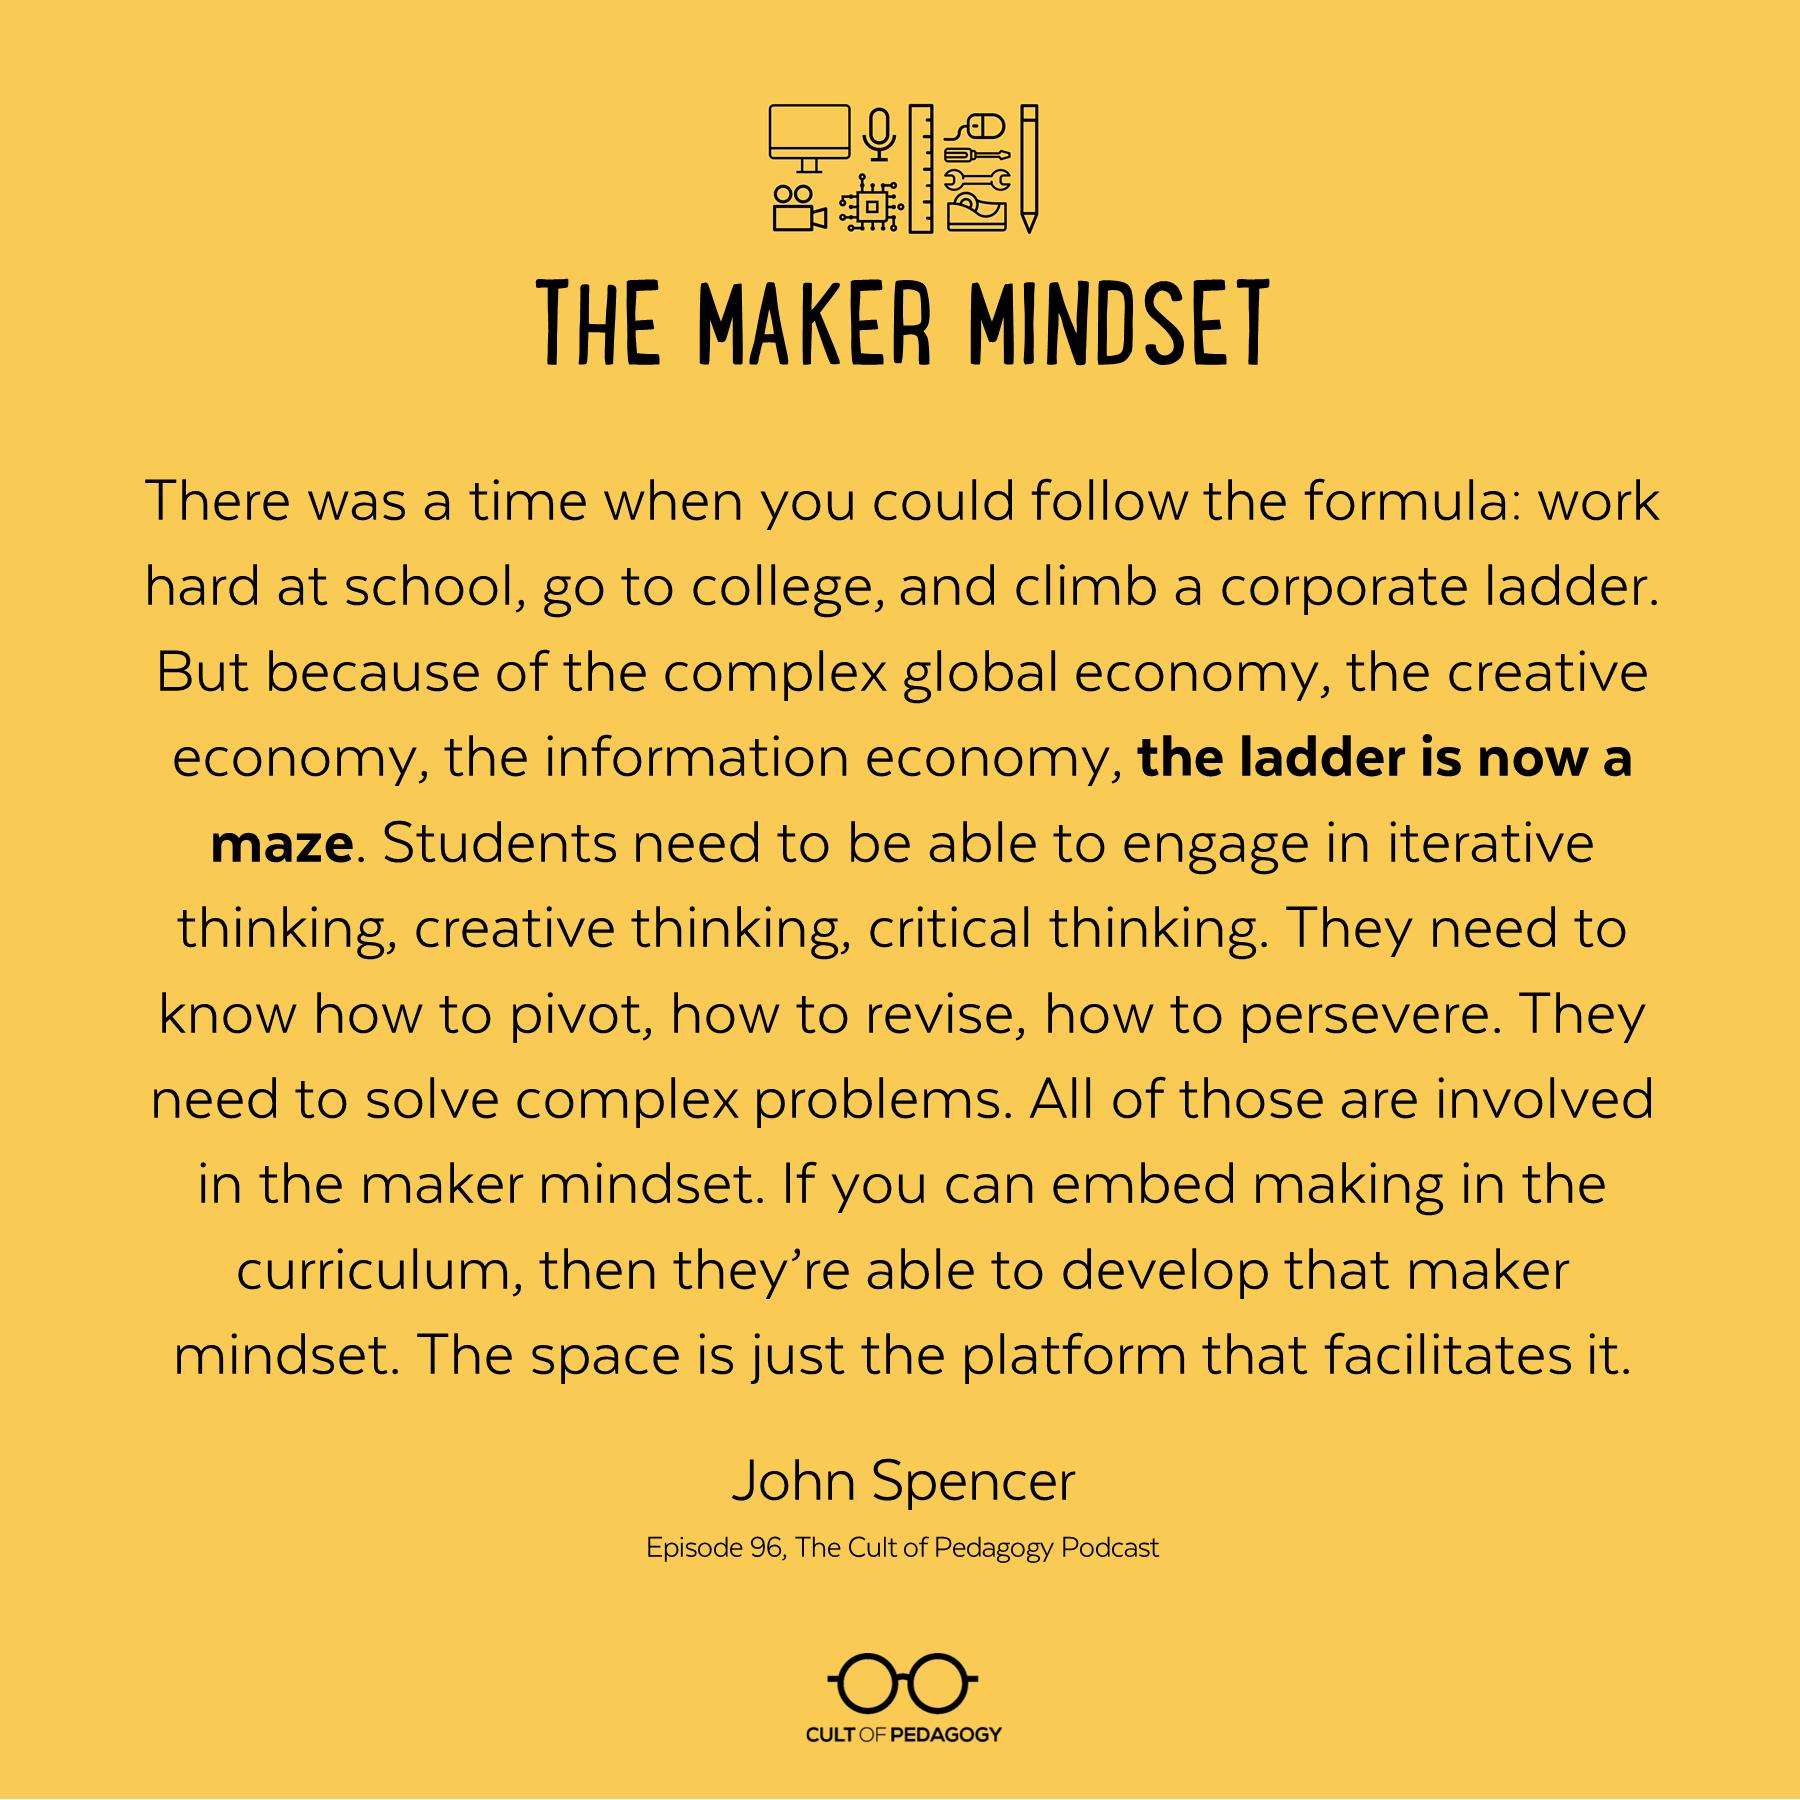 Maker Mindset Quote